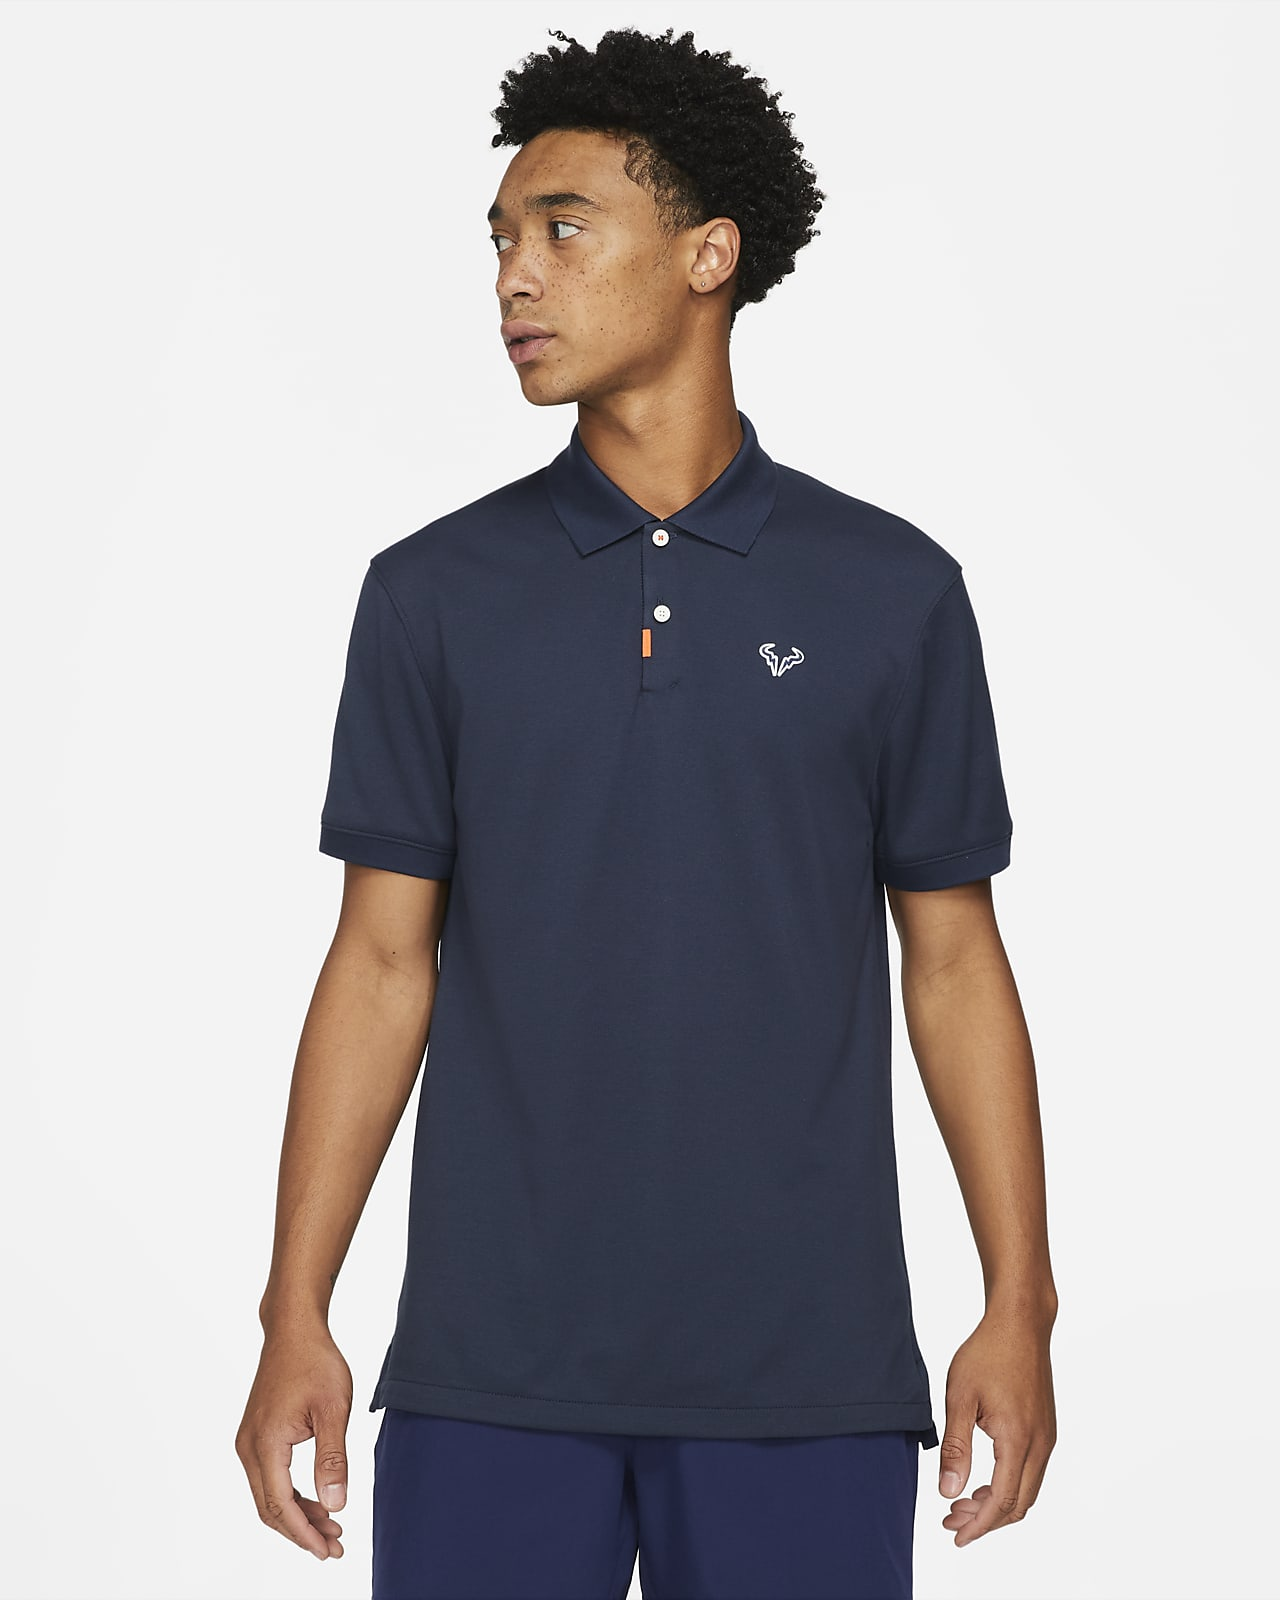 Polo de corte estreito The Nike Polo Rafa para homem